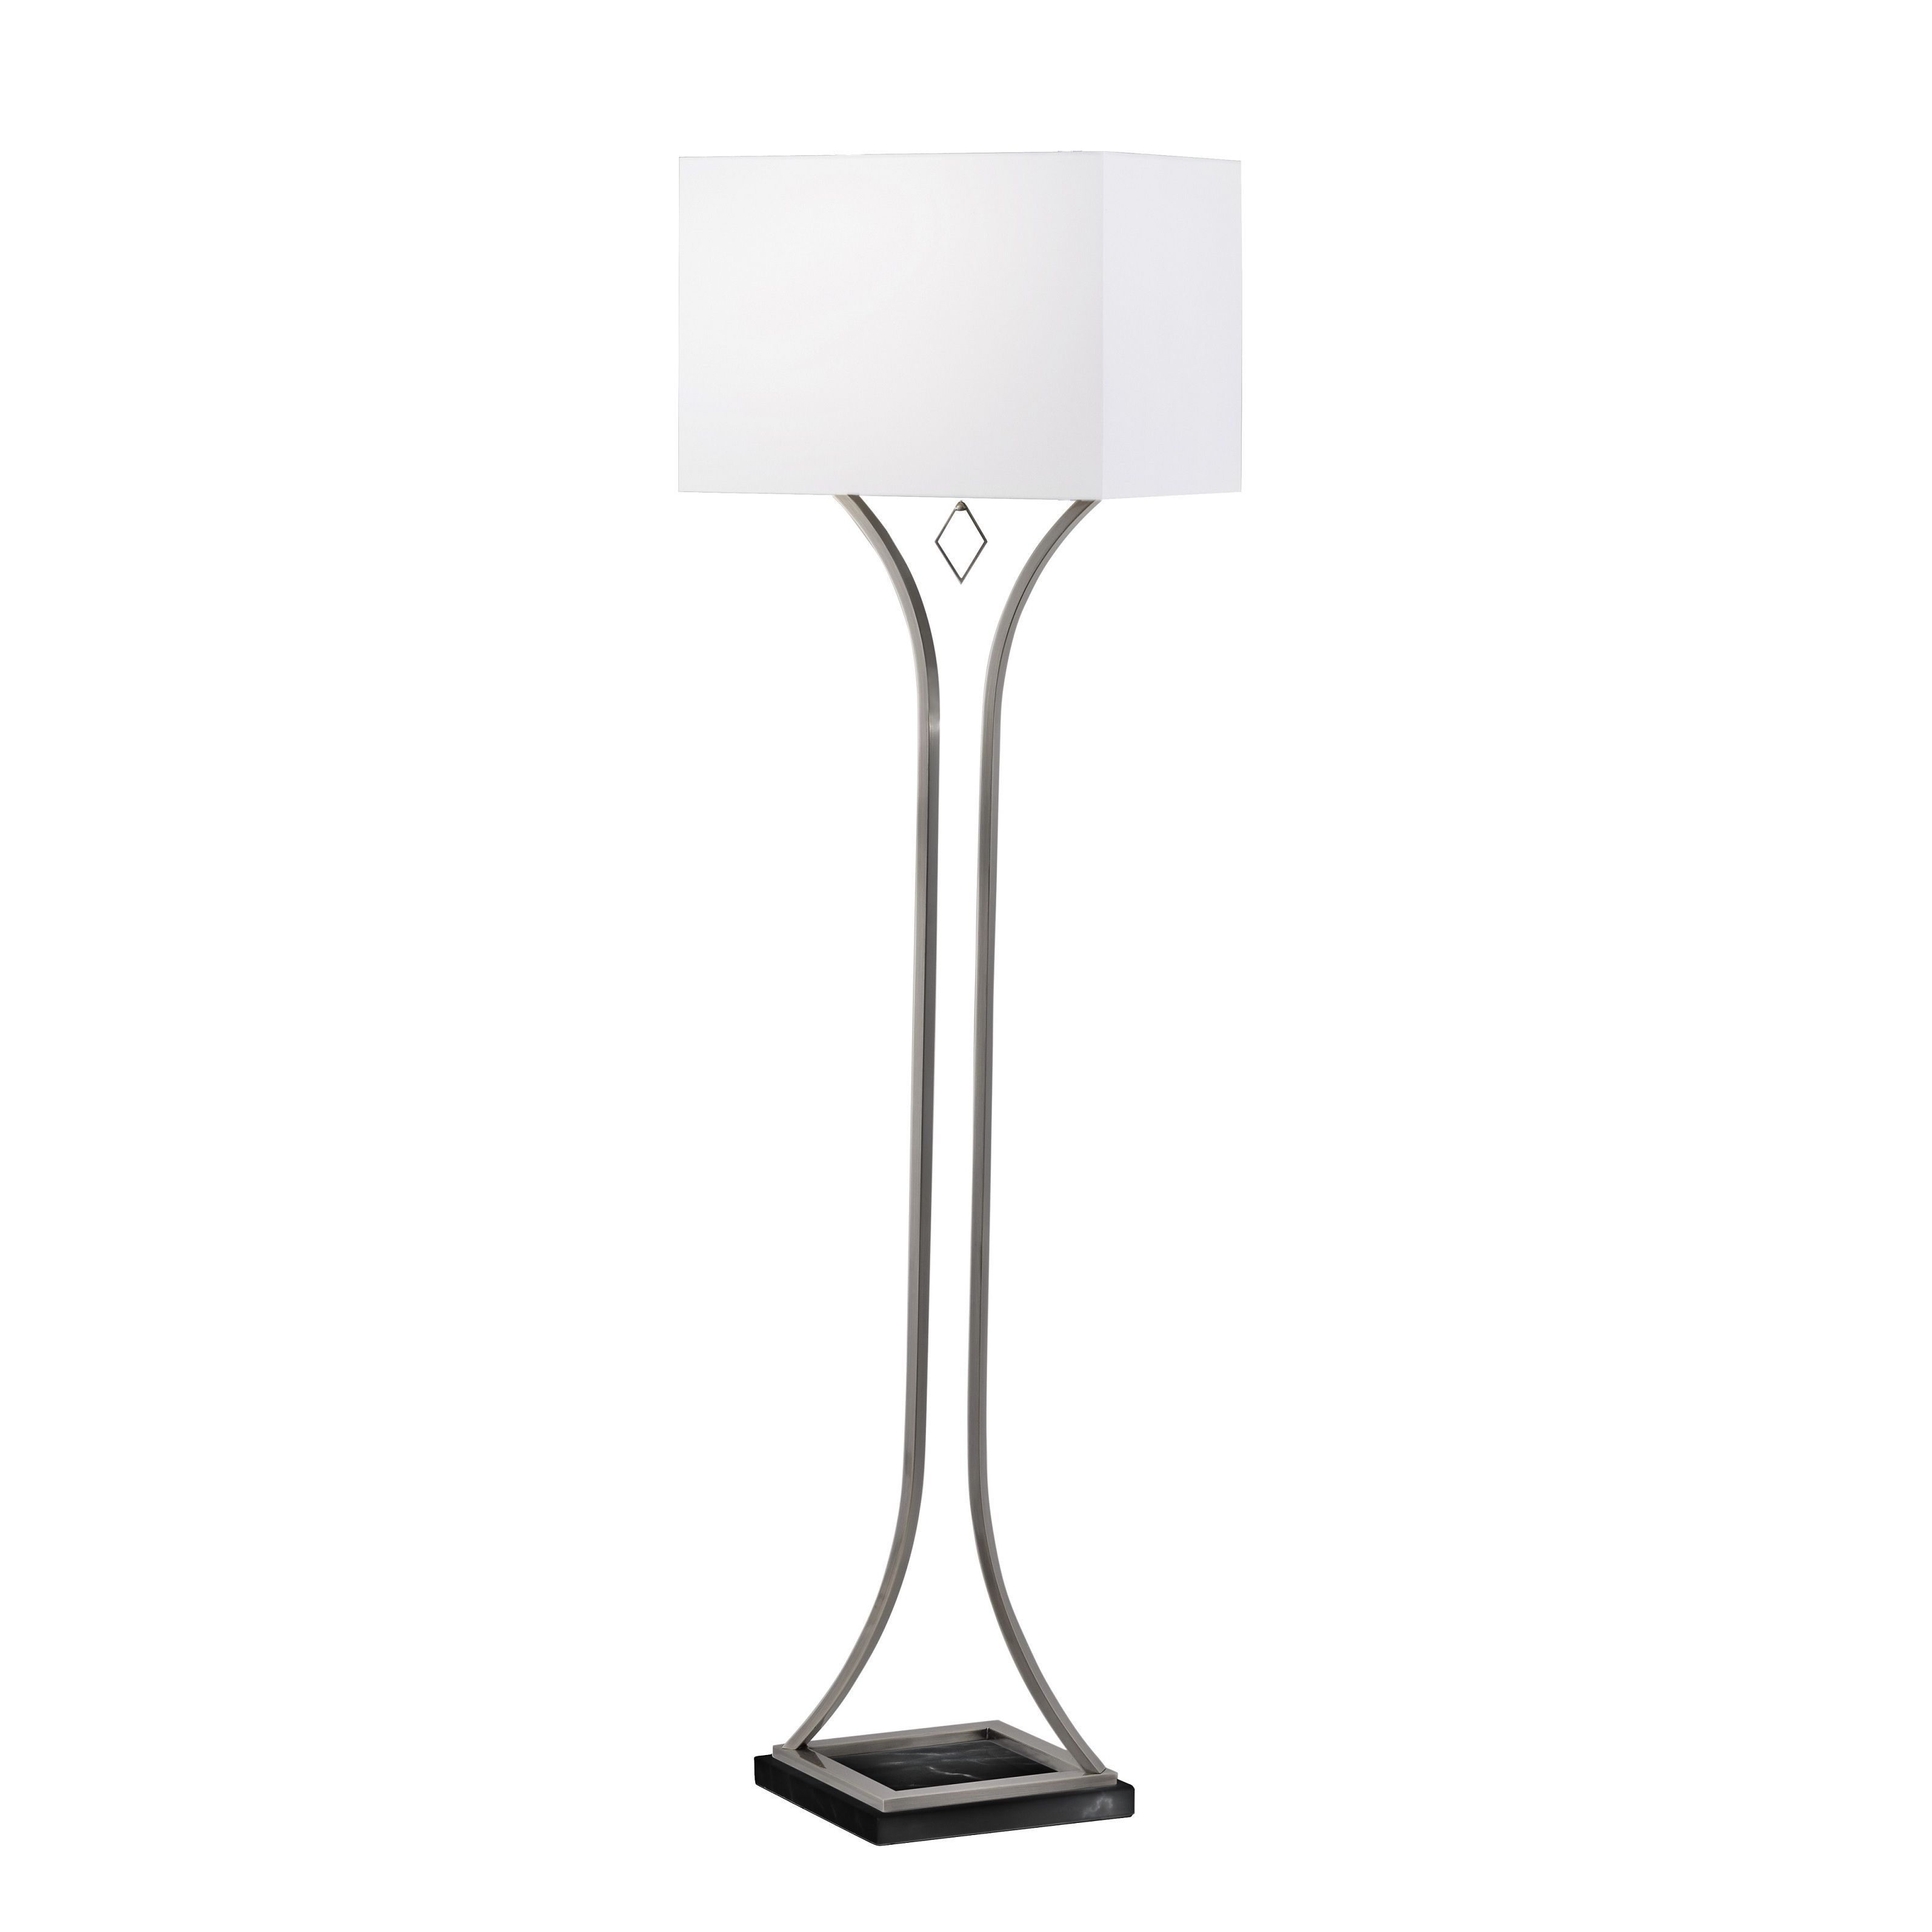 Nova Lighting Jubilee Antique Nickel Steel Floor Lamp